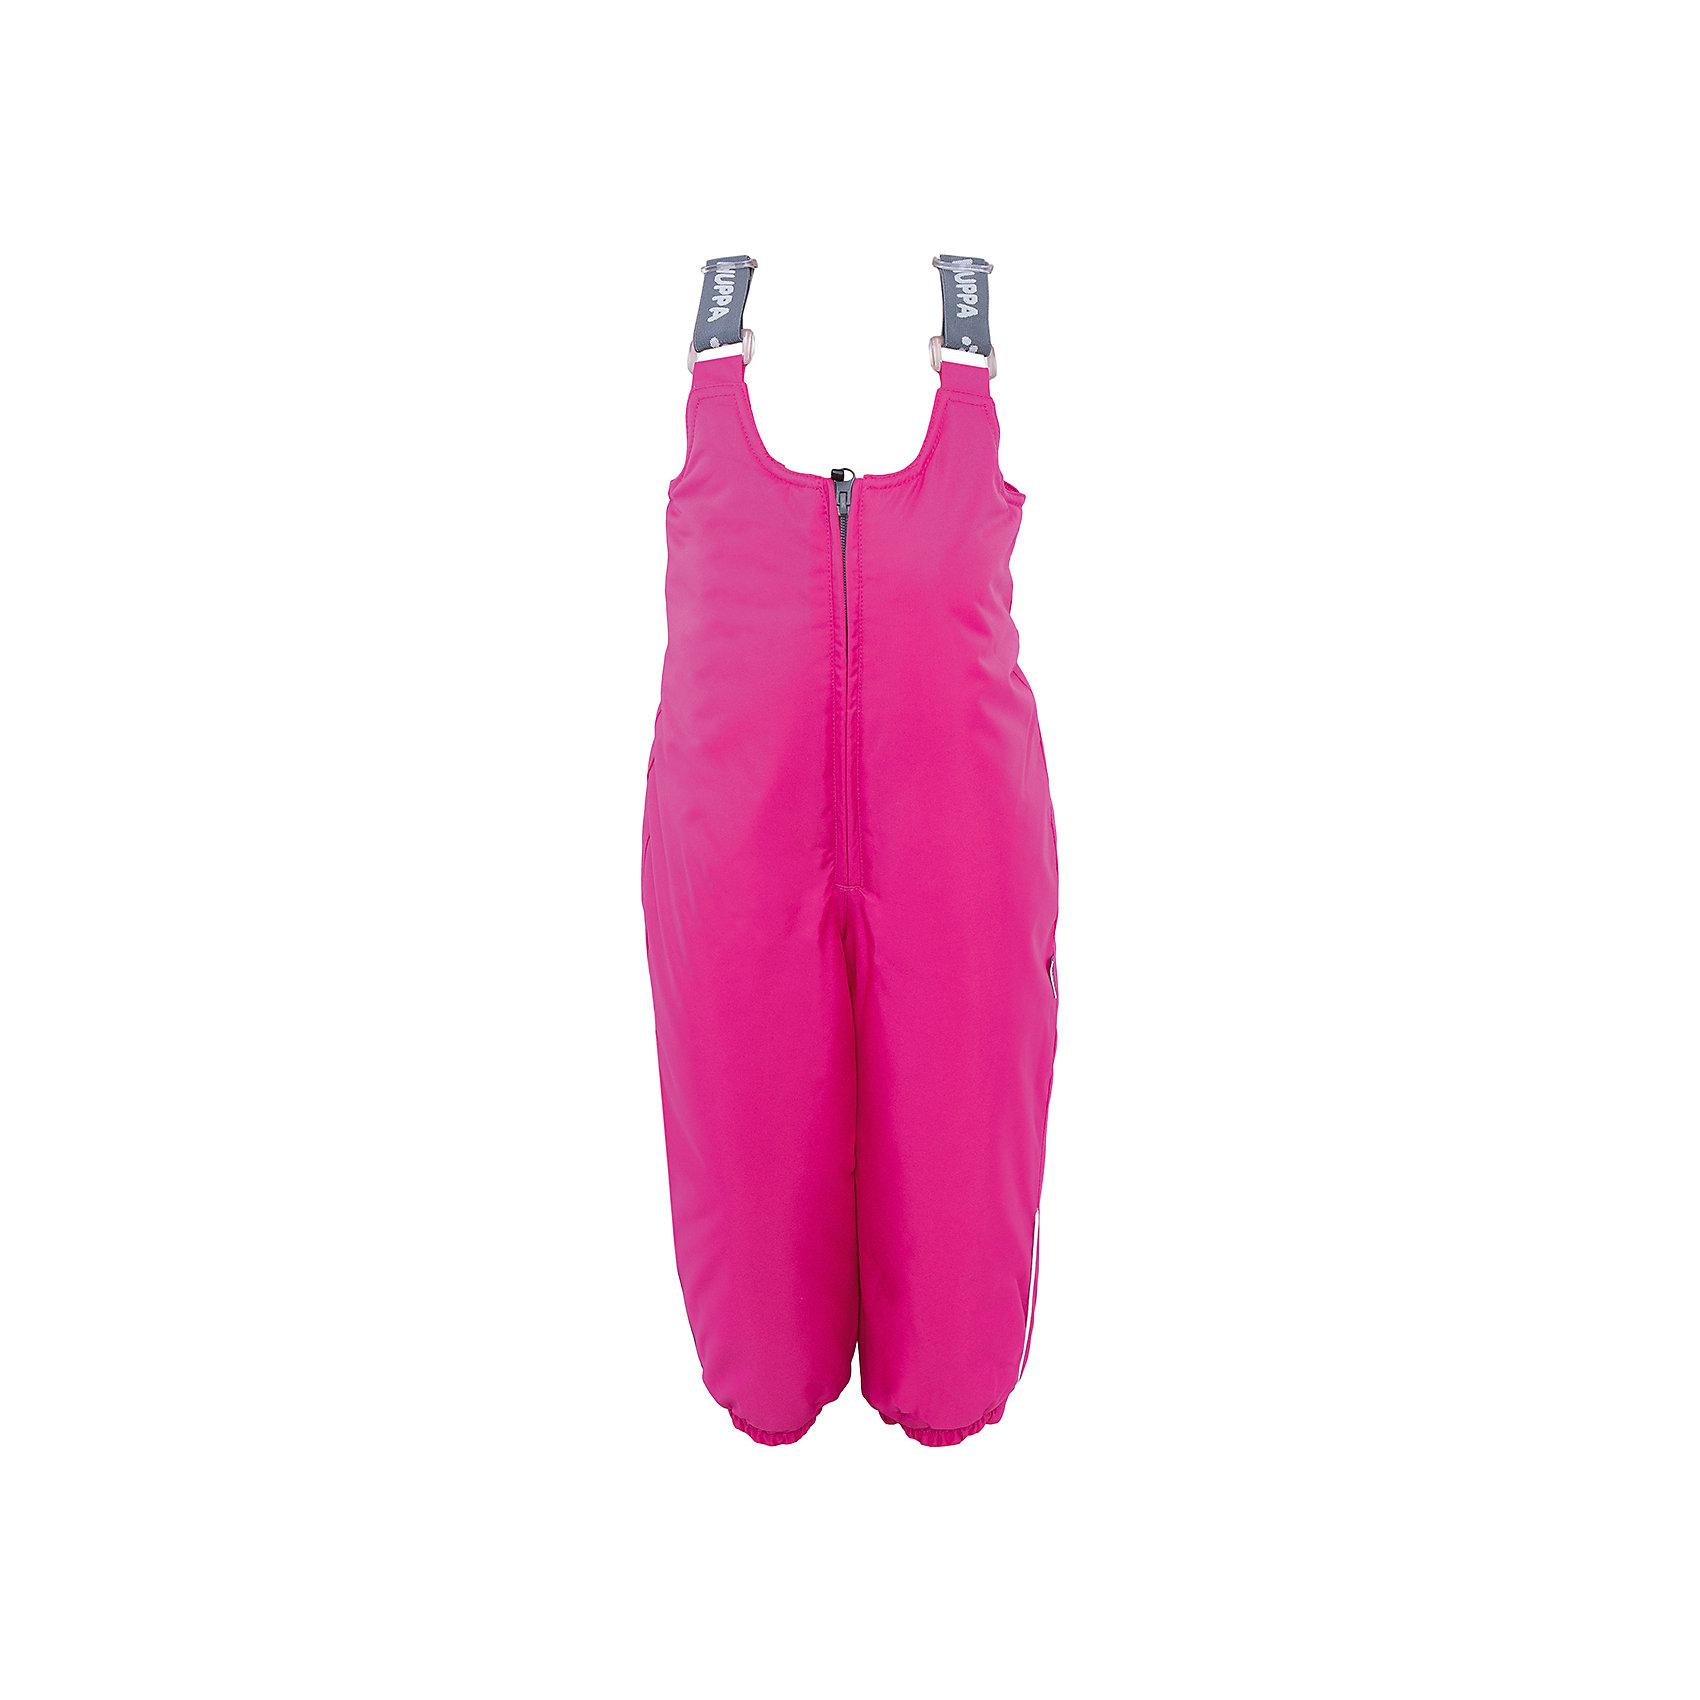 Брюки    HuppaЗимние брюки SONNY Huppa(Хуппа) изготовлены из качественных долговечных материалов. Они прекрасно подойдут для прогулок зимой и активного отдыха.<br><br>Особенности:<br>-дышащая водоотталкивающая мембрана, которая не допустит попадание воды и ветра под одежду и выведет лишнюю влагу<br>-утеплитель HuppaTherm неприхотлив в уходе. Быстро восстанавливает объем<br>-фланелевая подкладка из натурального хлопка, приятного телу<br>-проклеенные водостойкой лентой швы<br>-регулируемые подтяжки<br>-резинка на манжетах и поясе<br>-светоотражающие элементы <br><br>Дополнительная информация:<br>Материал: 100% полиэстер<br>Подкладка: 100% хлопок <br>Цвет: фуксия<br><br>Вы можете приобрести брюки SONNY Huppa(Хуппа) в нашем интернет-магазине.<br><br>Ширина мм: 215<br>Глубина мм: 88<br>Высота мм: 191<br>Вес г: 336<br>Цвет: розовый<br>Возраст от месяцев: 36<br>Возраст до месяцев: 48<br>Пол: Унисекс<br>Возраст: Детский<br>Размер: 104,80,86,92,98<br>SKU: 4928456